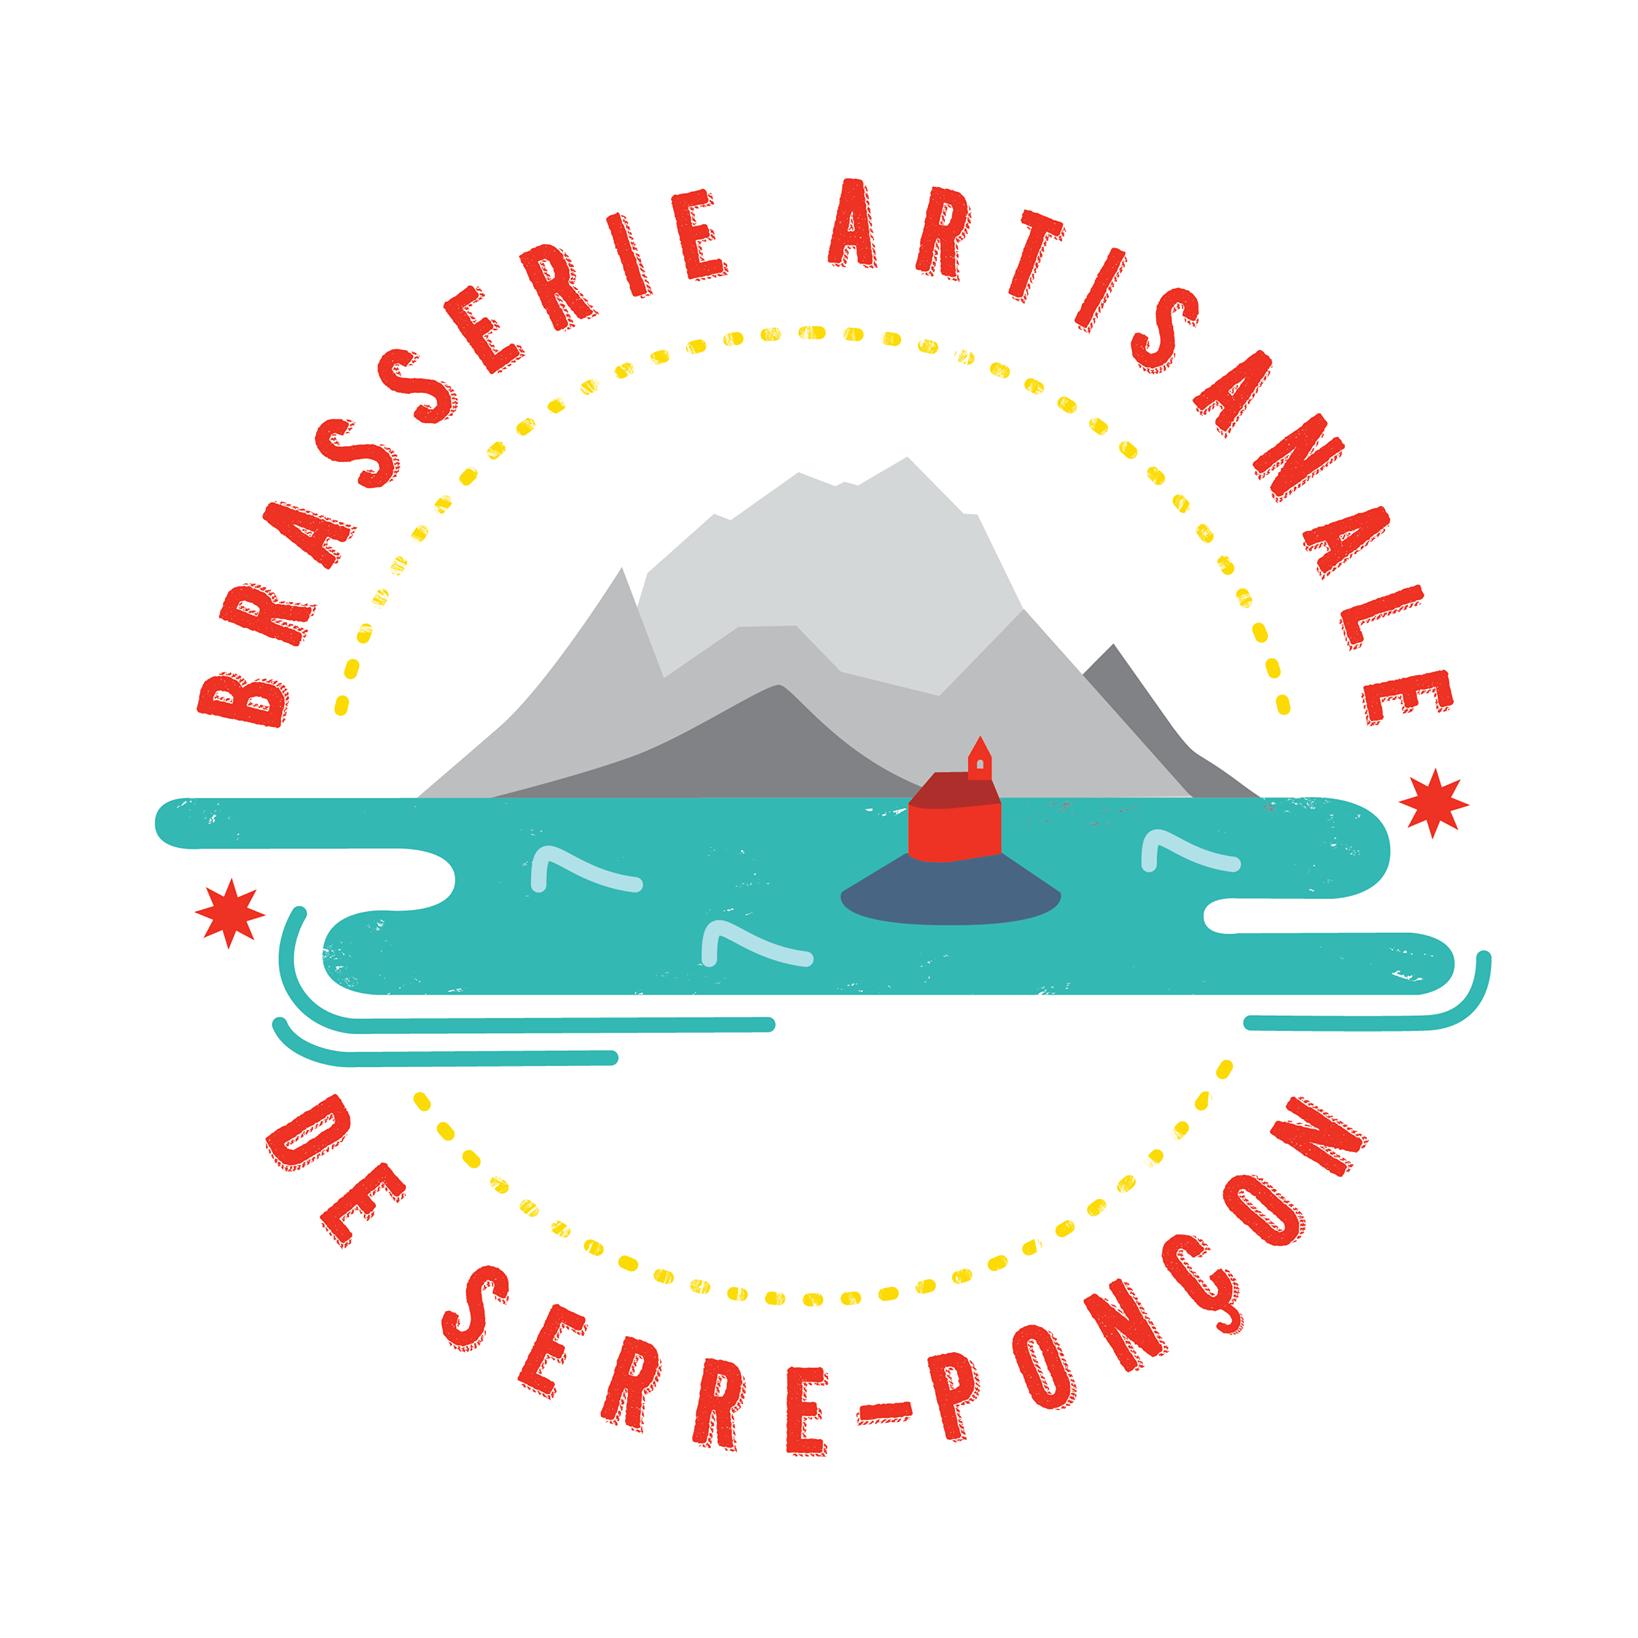 Photo de l'entreprise : Brasserie Artisanale de Serre Ponçon